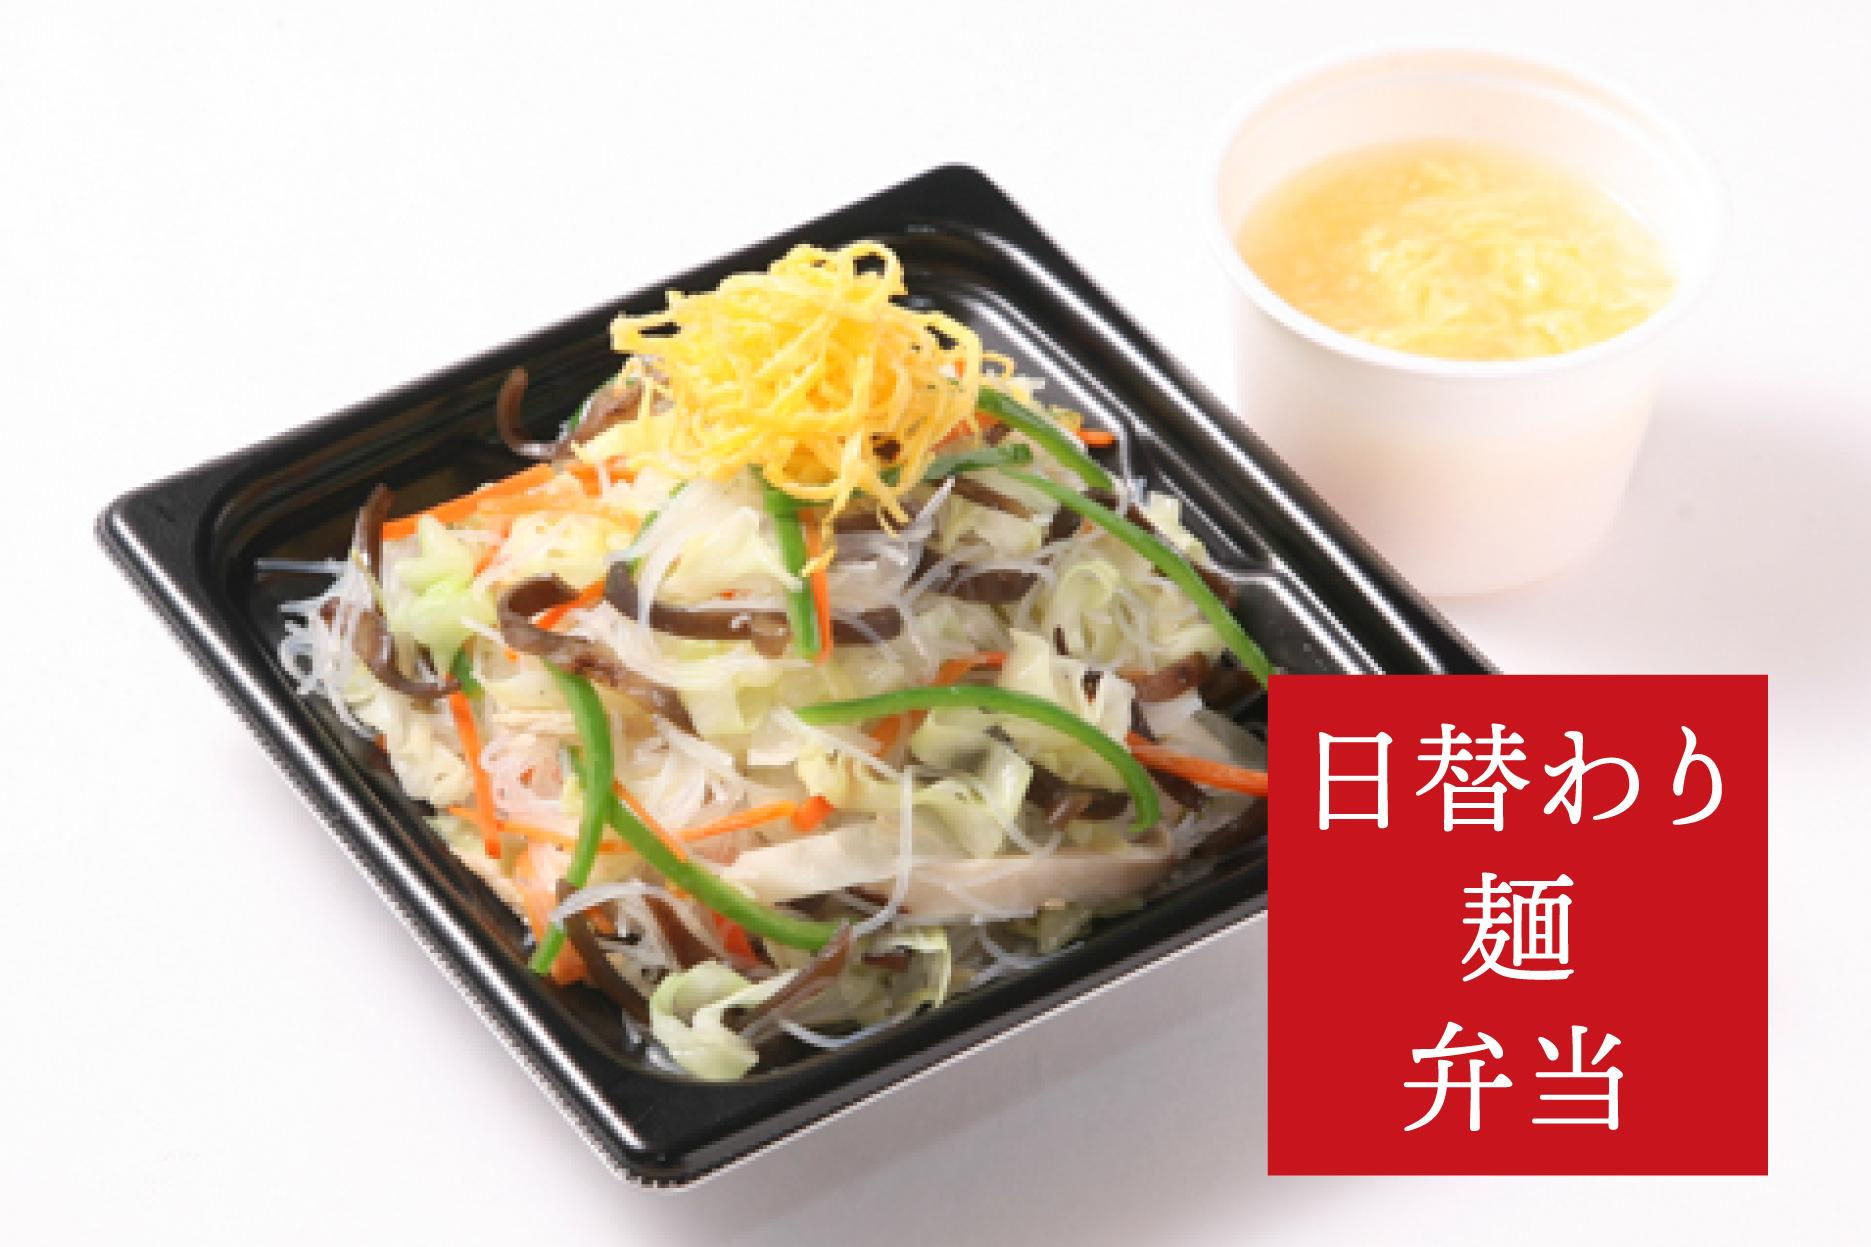 【平日ランチ限定】日替わり麺